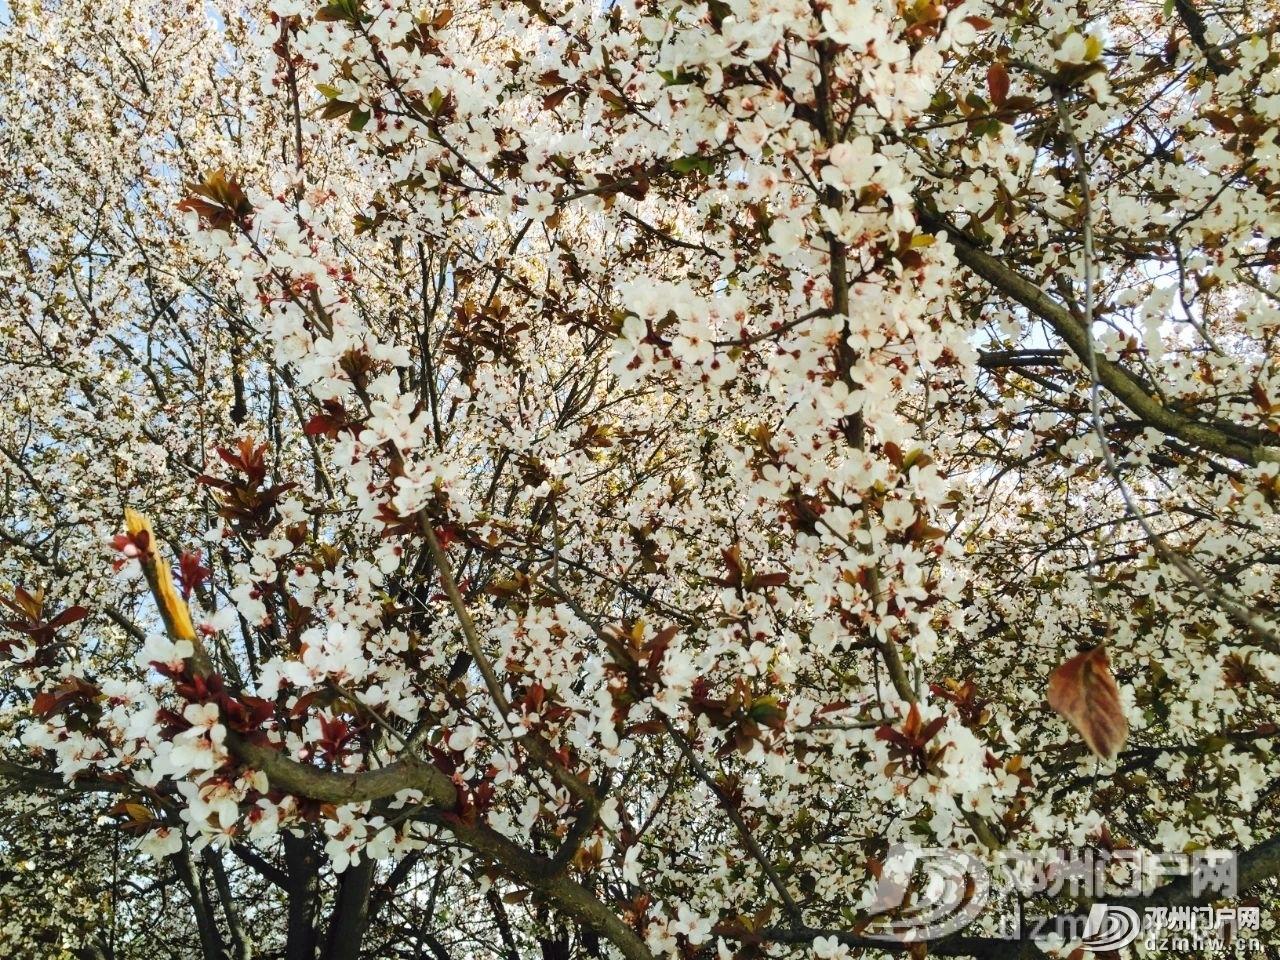 春暖花开,邓州,久等了! - 邓州门户网|邓州网 - 4a90e9d04ee4630bd1cf8bf7f8003ff4.jpg